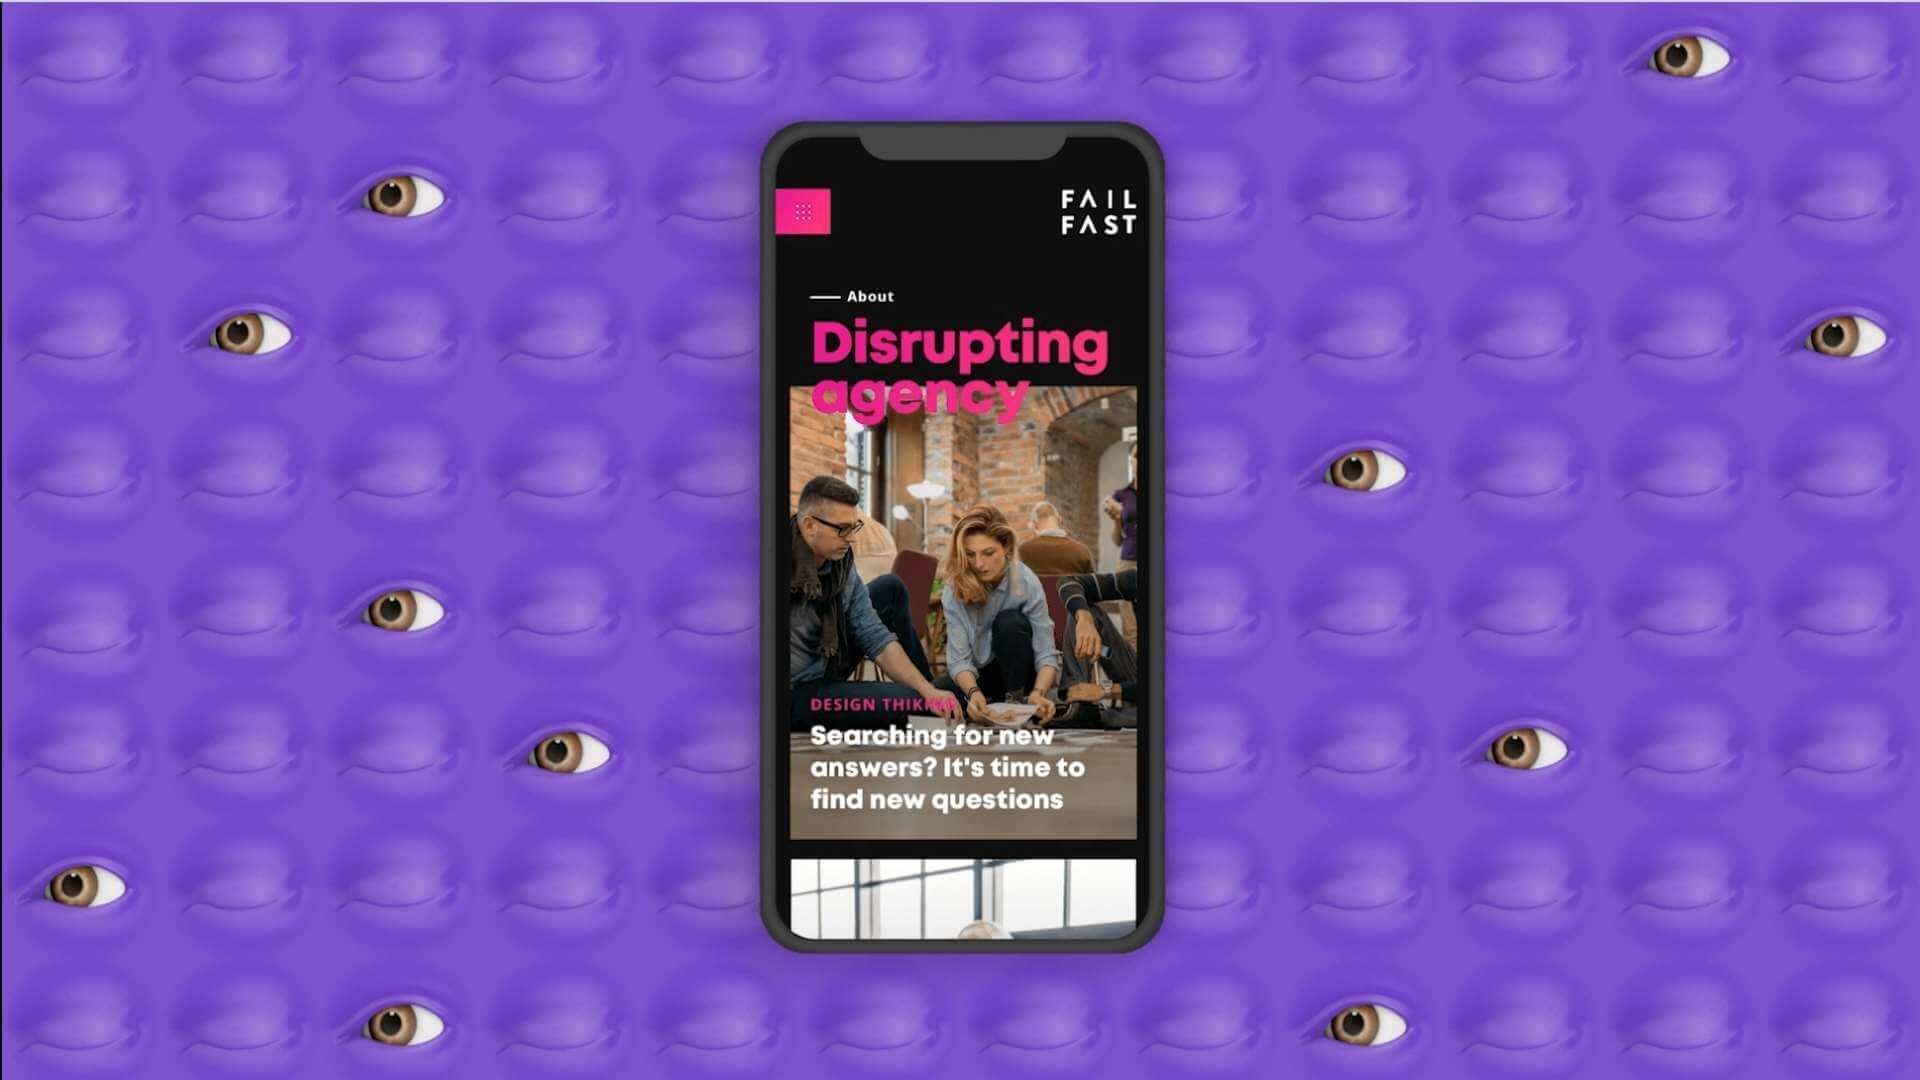 Fail fast design agency SF on a phone screen